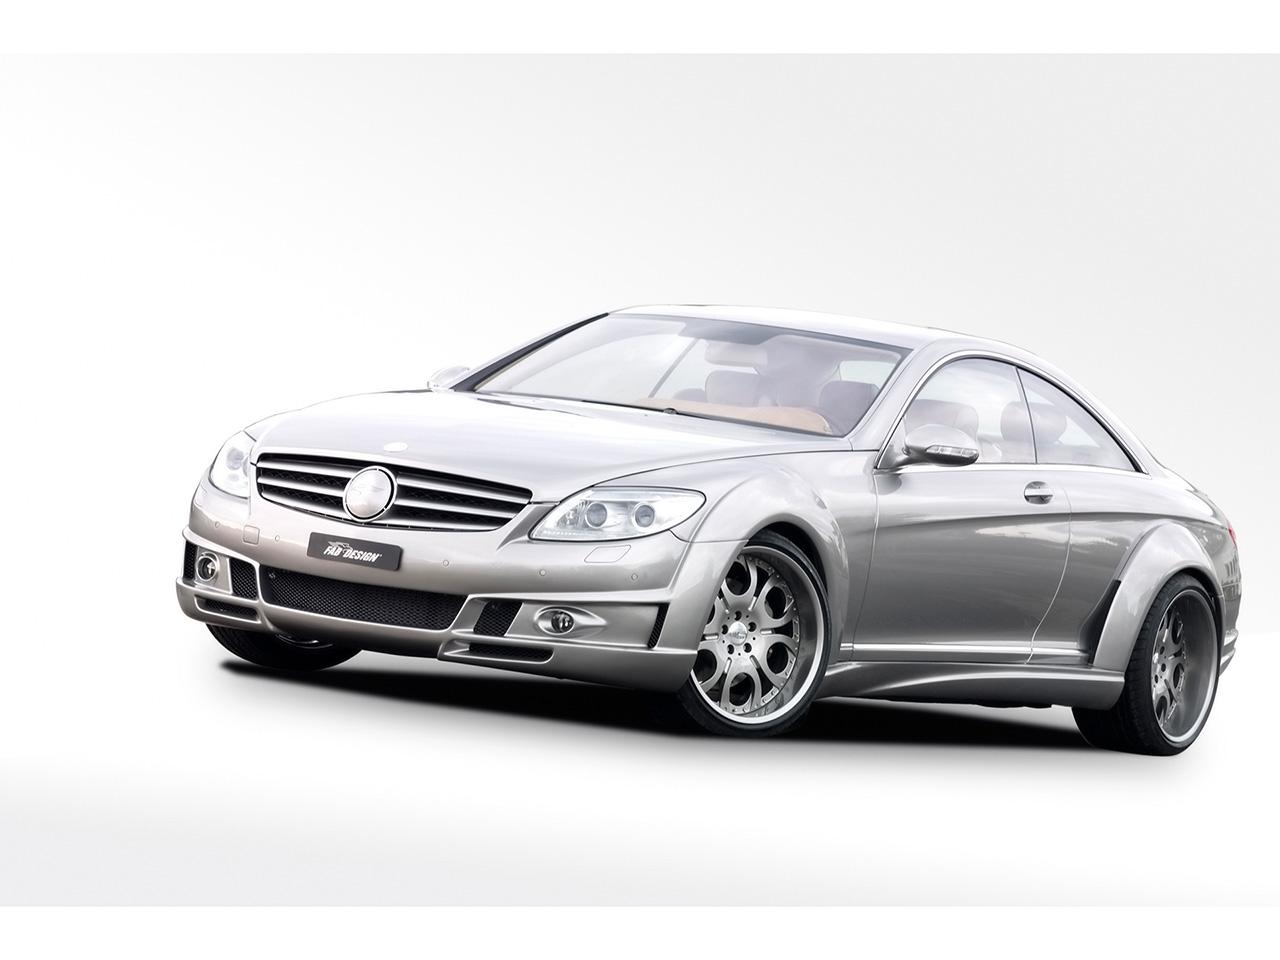 Mercedes benz cl 600 v12 photos reviews news specs for V12 mercedes benz